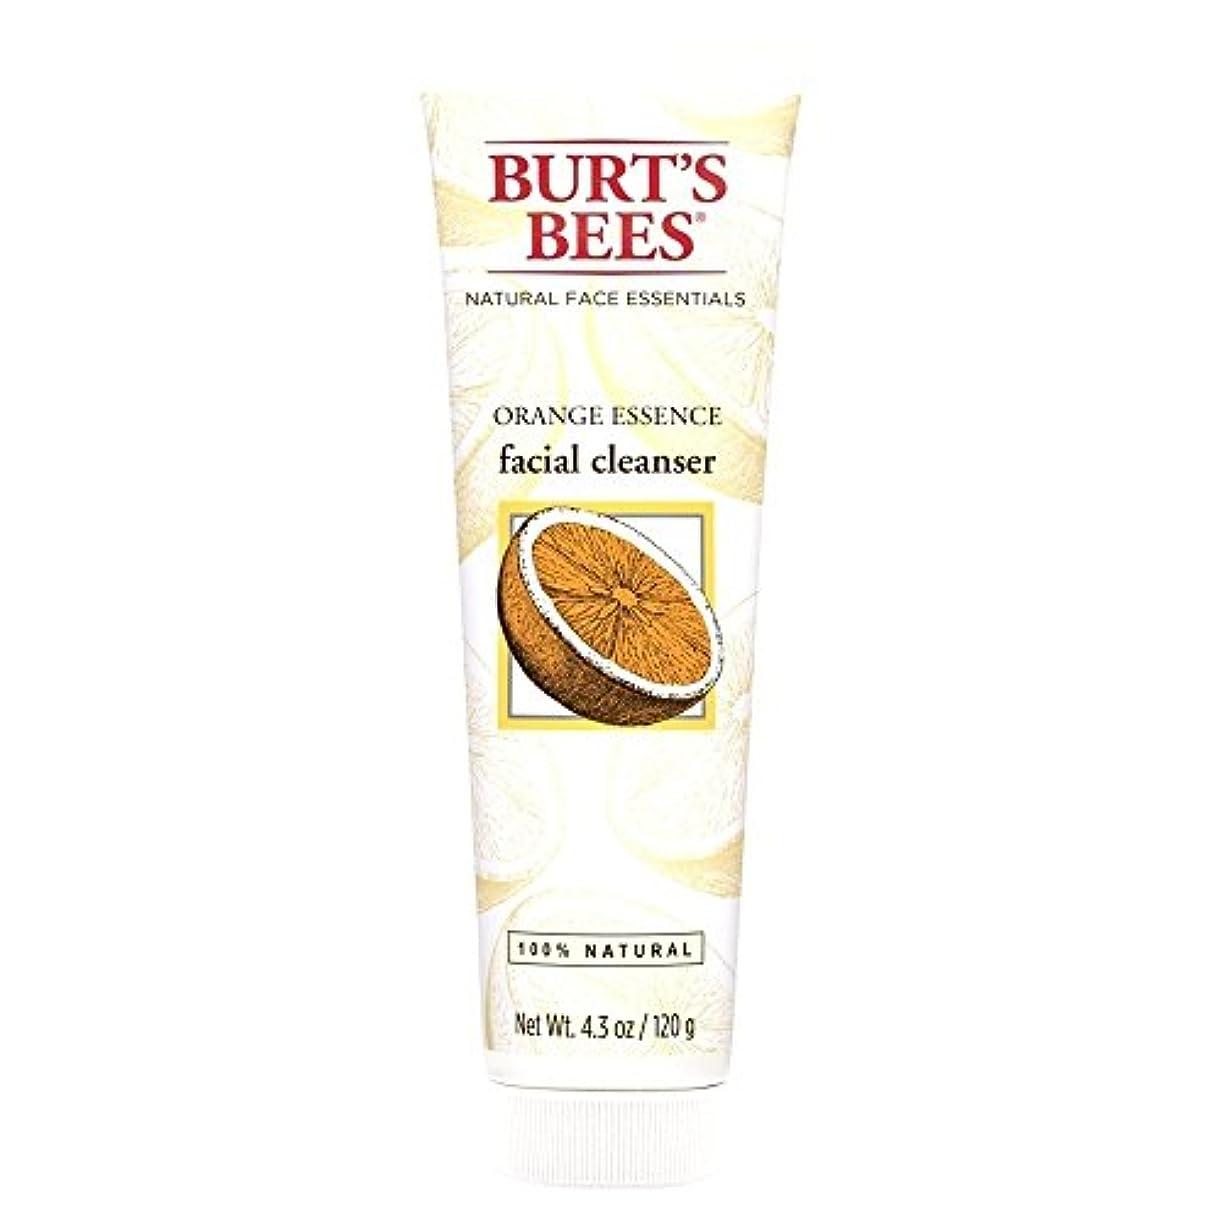 流行している節約するベイビーバーツビーオレンジエッセンス洗顔料、125グラム (Burt's Bees) (x6) - Burt's Bees Orange Essence Facial Cleanser, 125g (Pack of 6) [並行輸入品]